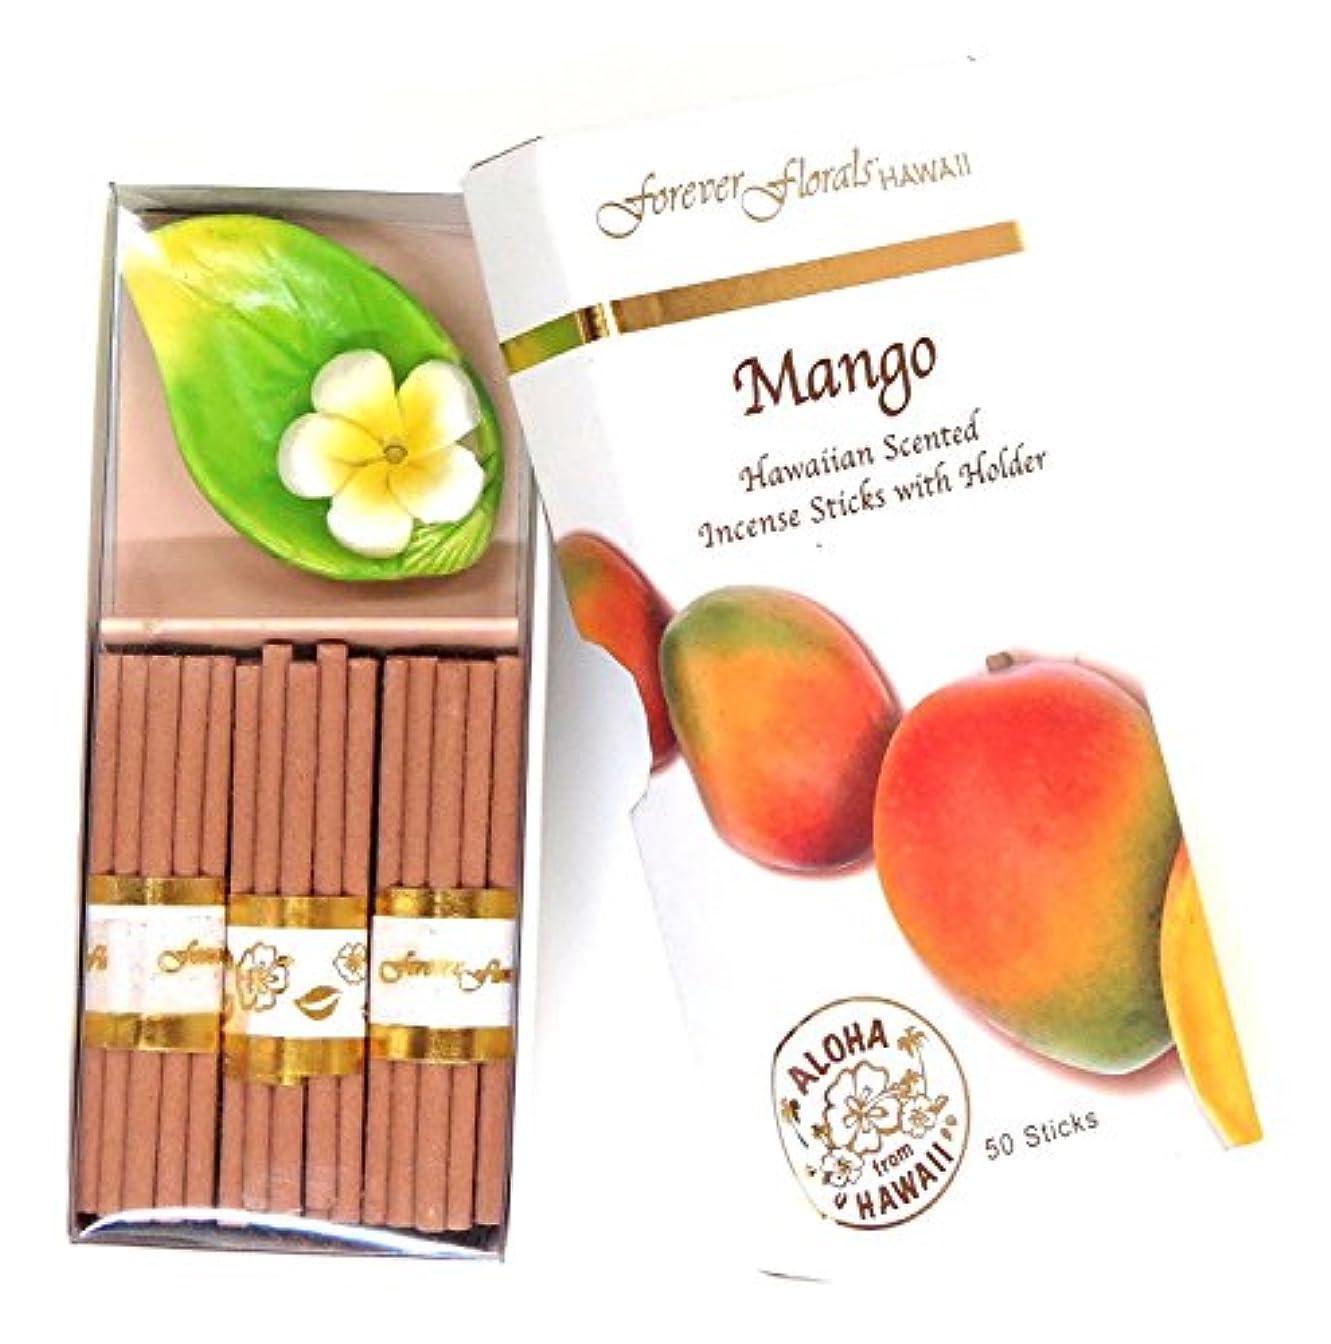 パーティー民族主義そばにハワイアン雑貨 ハワイ雑貨/Forever Florals ミニインセンスボックス お香 マンゴー 【お土産】